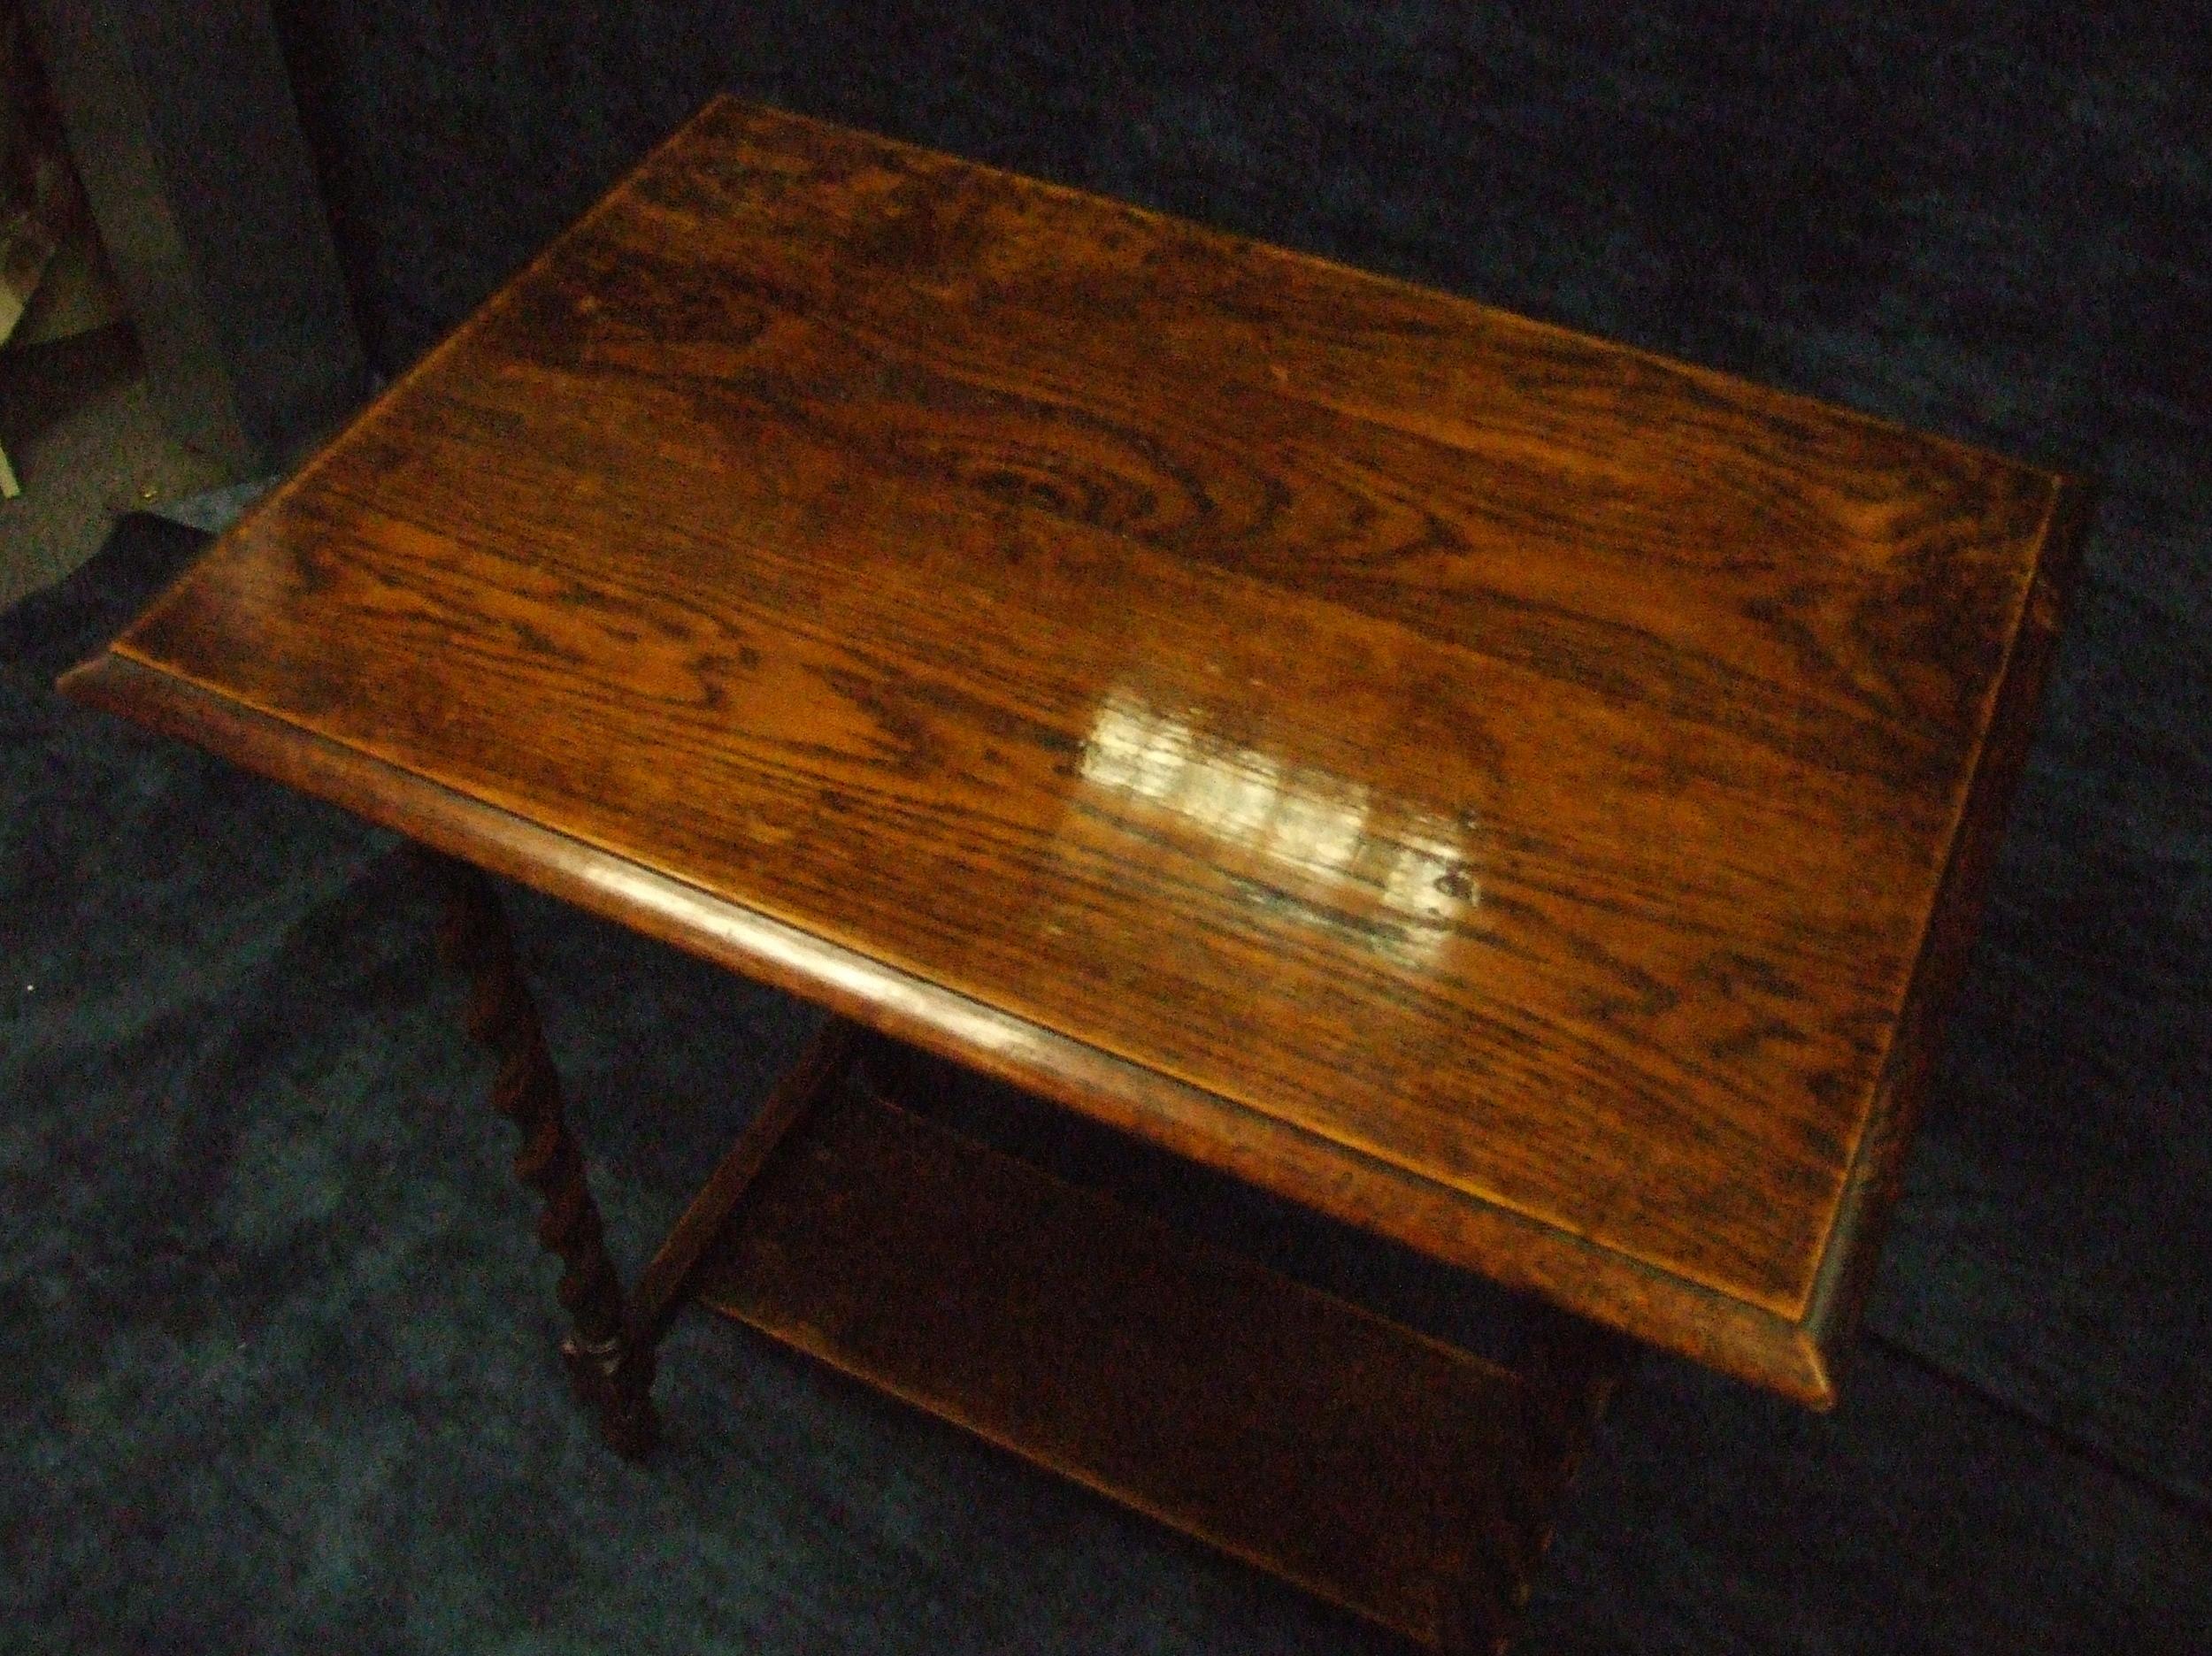 Table during polishing